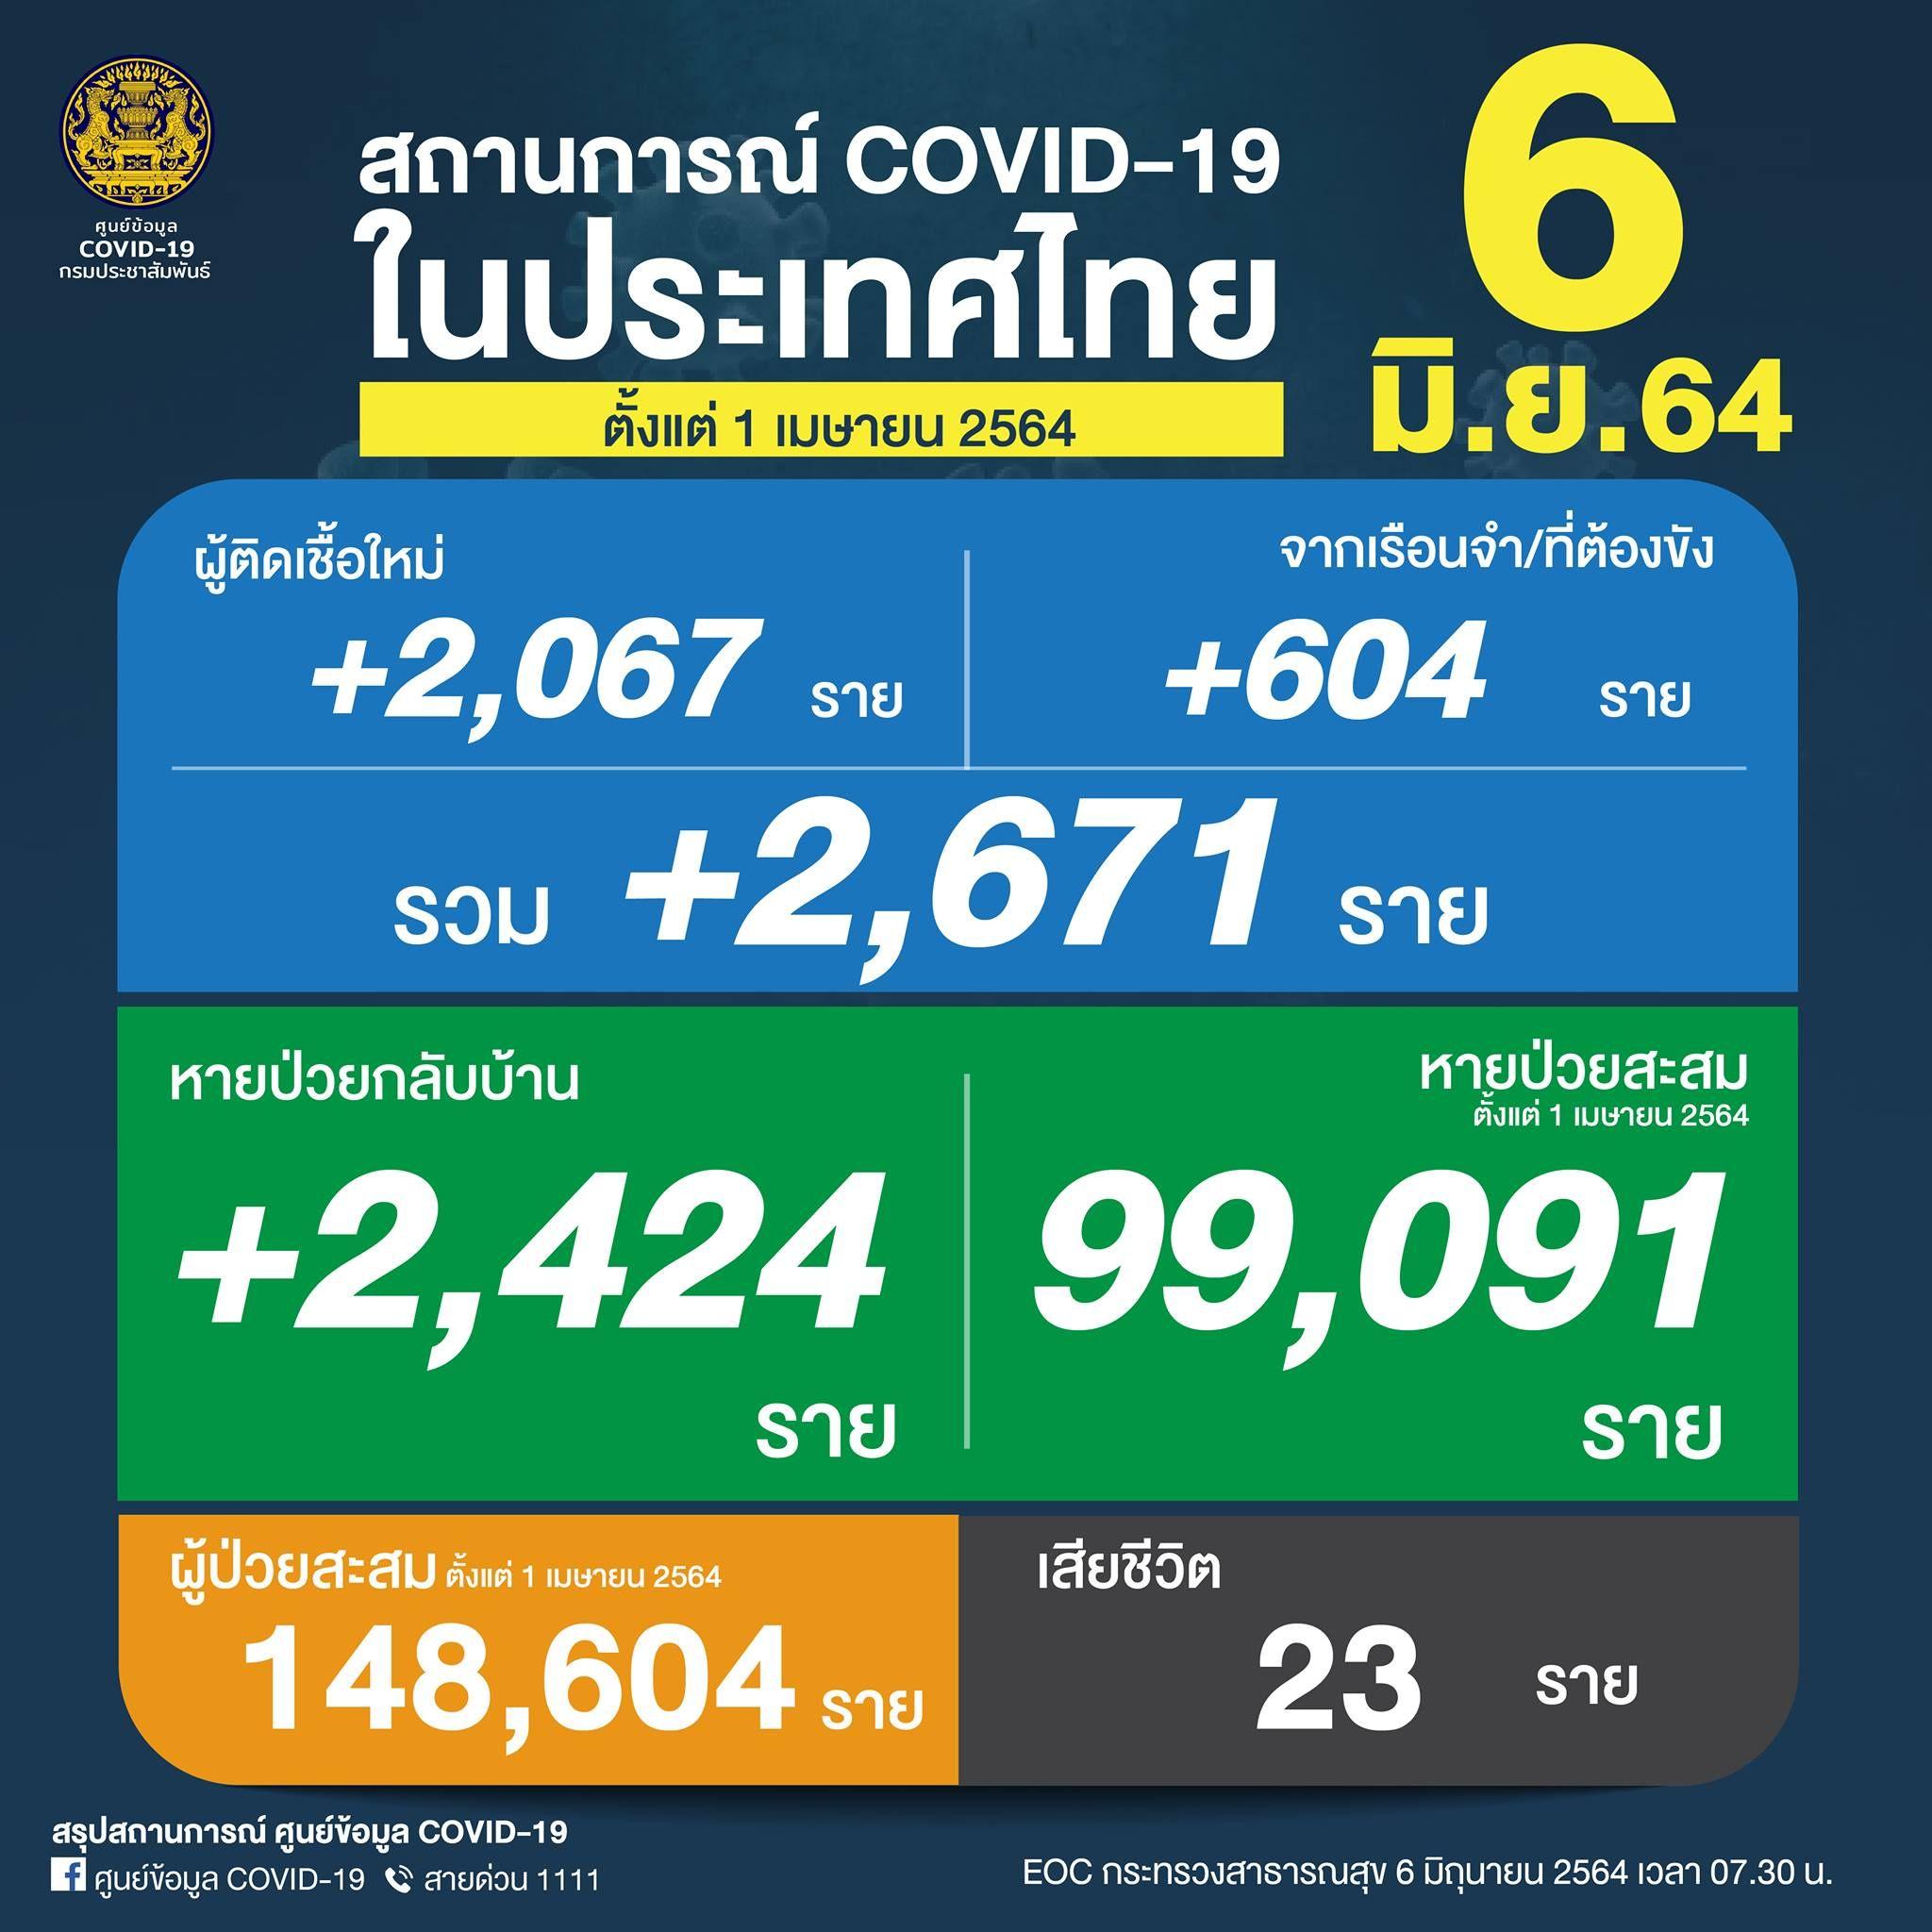 ยอด 'โควิด-19' วันนี้ ยังหนัก! พบเสียชีวิต 23 ราย ติดเชื้อเพิ่มอีก 2,671 ราย